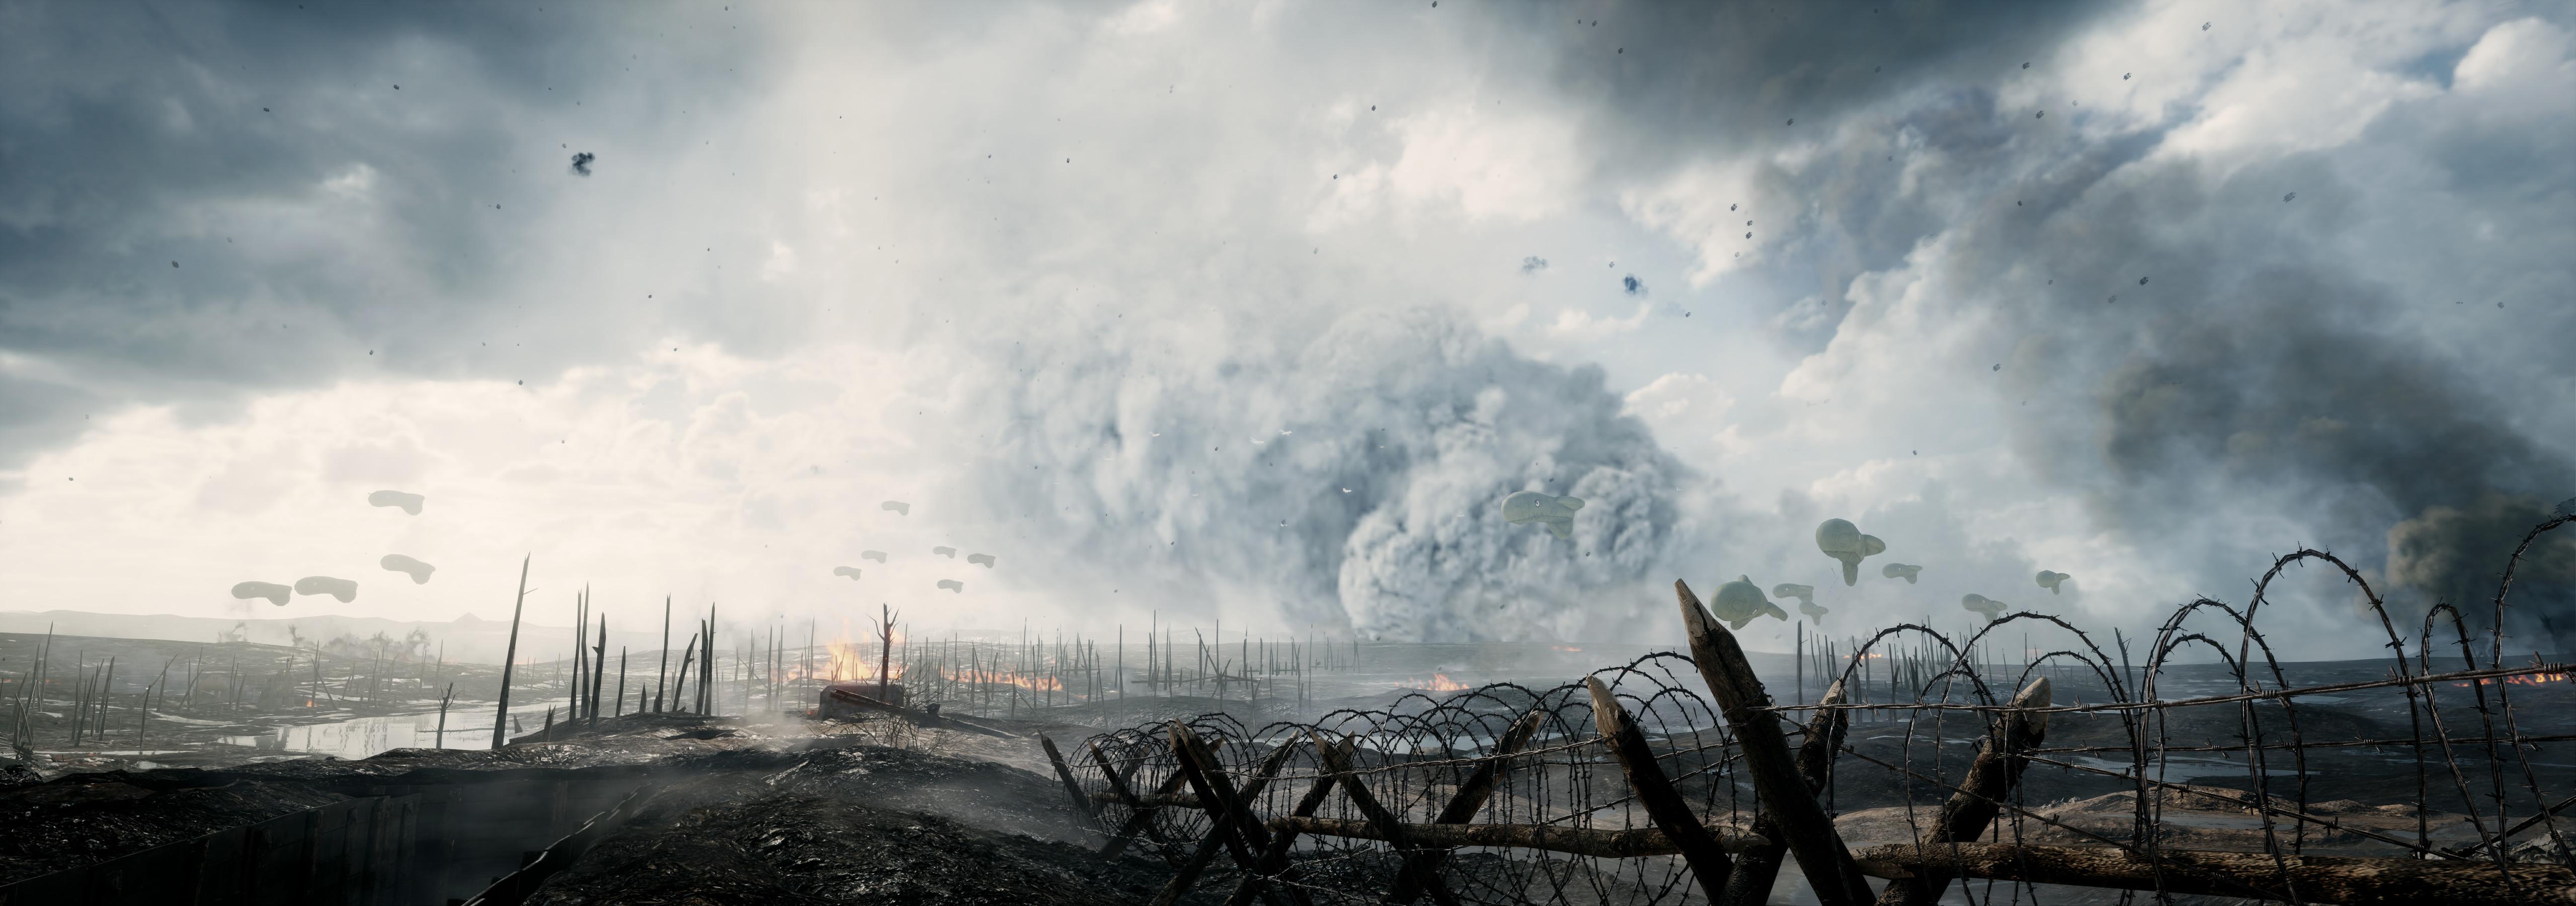 Civil War Powerpoint Template Battlefield 1 Backgrounds